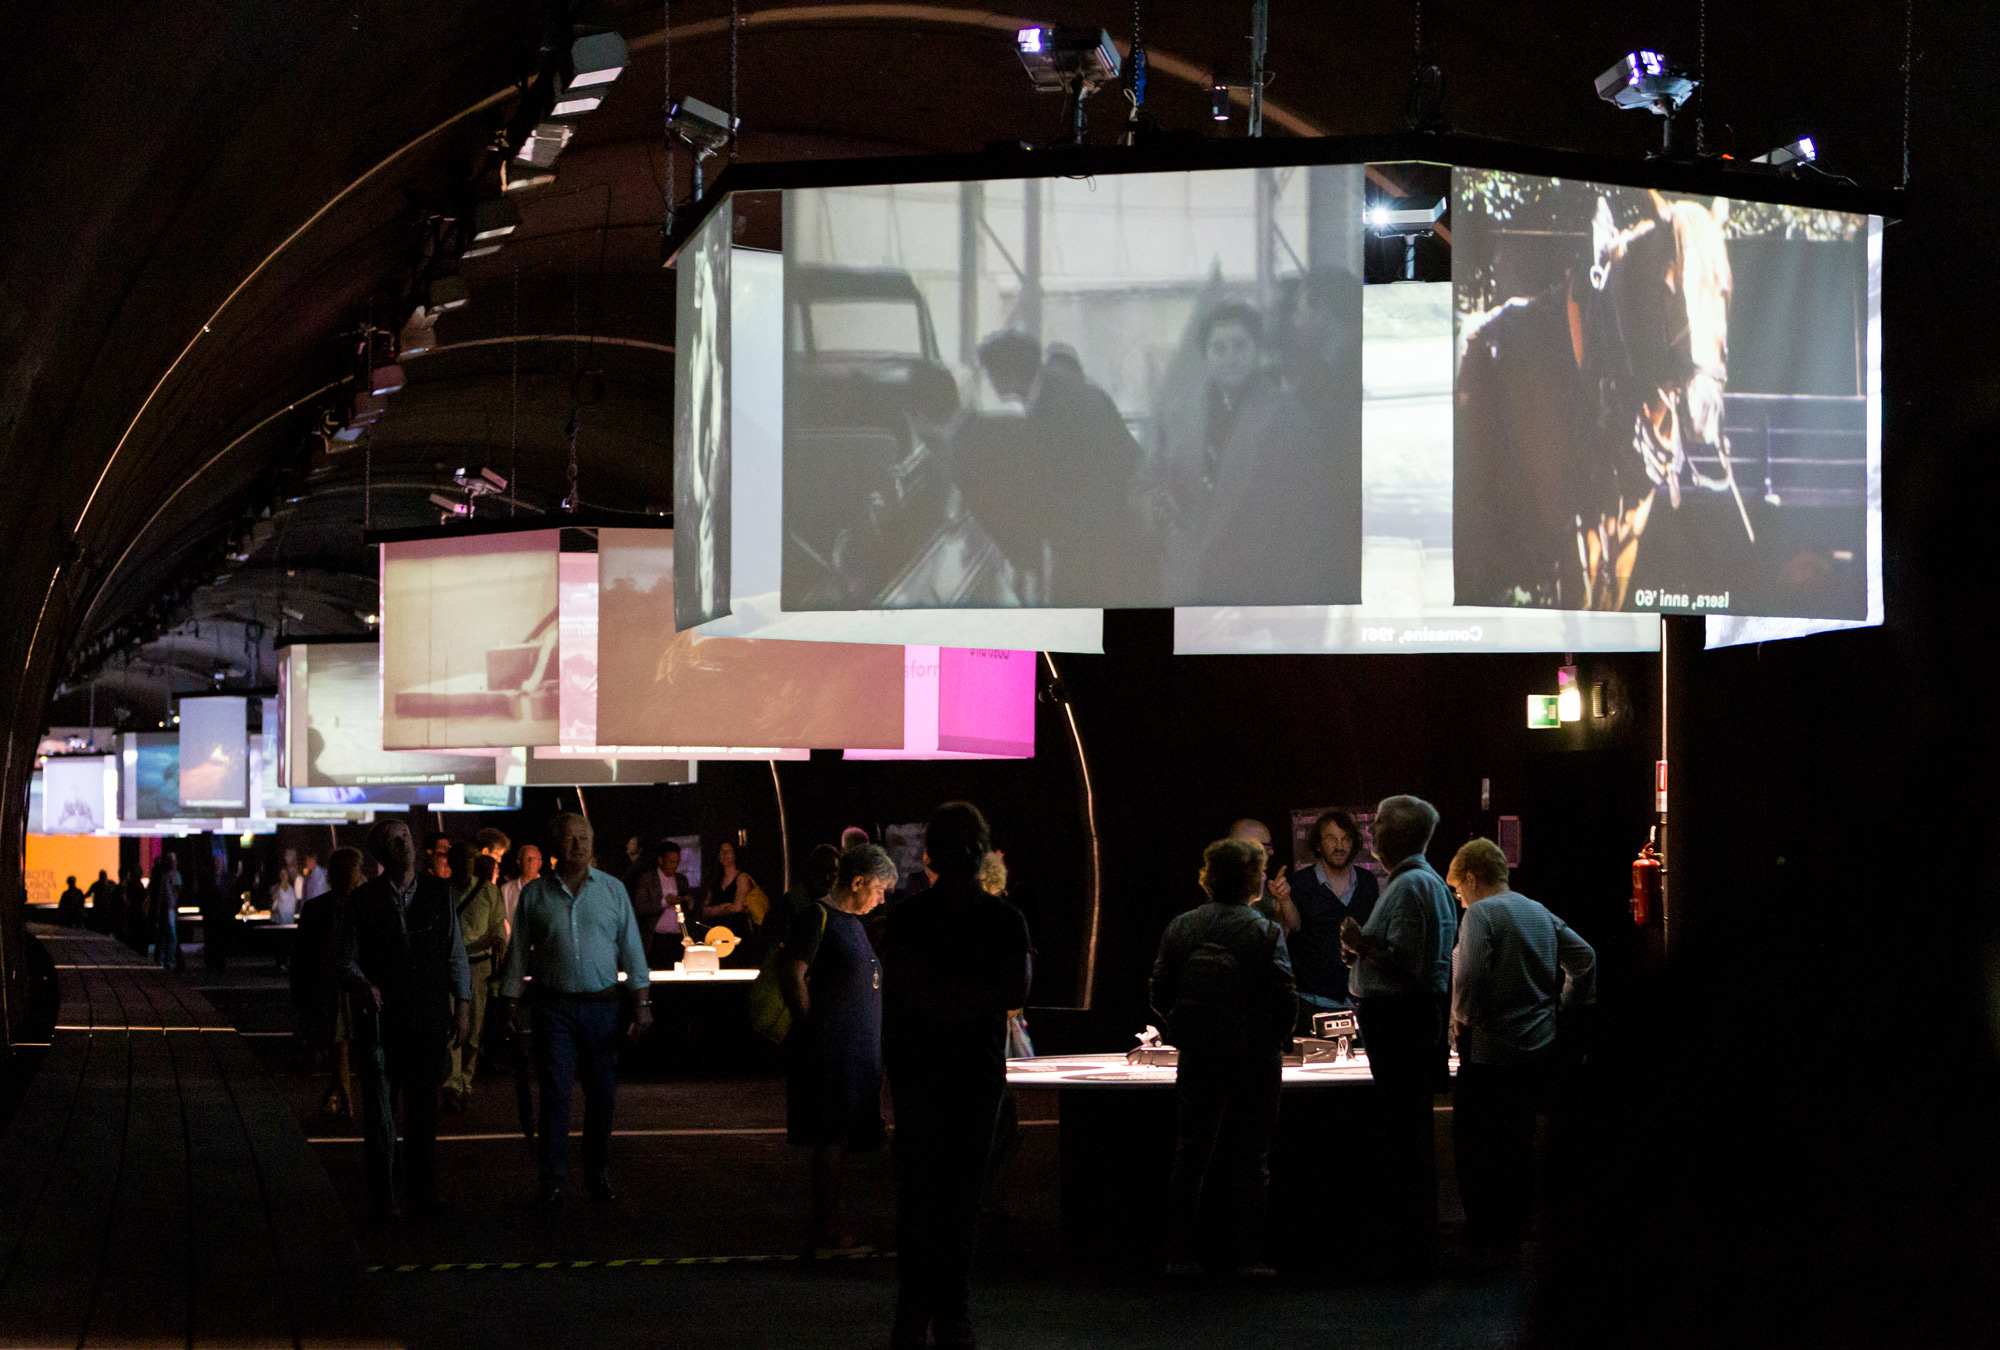 2019_Usavamo-la-cinepresa_Exhibition_02